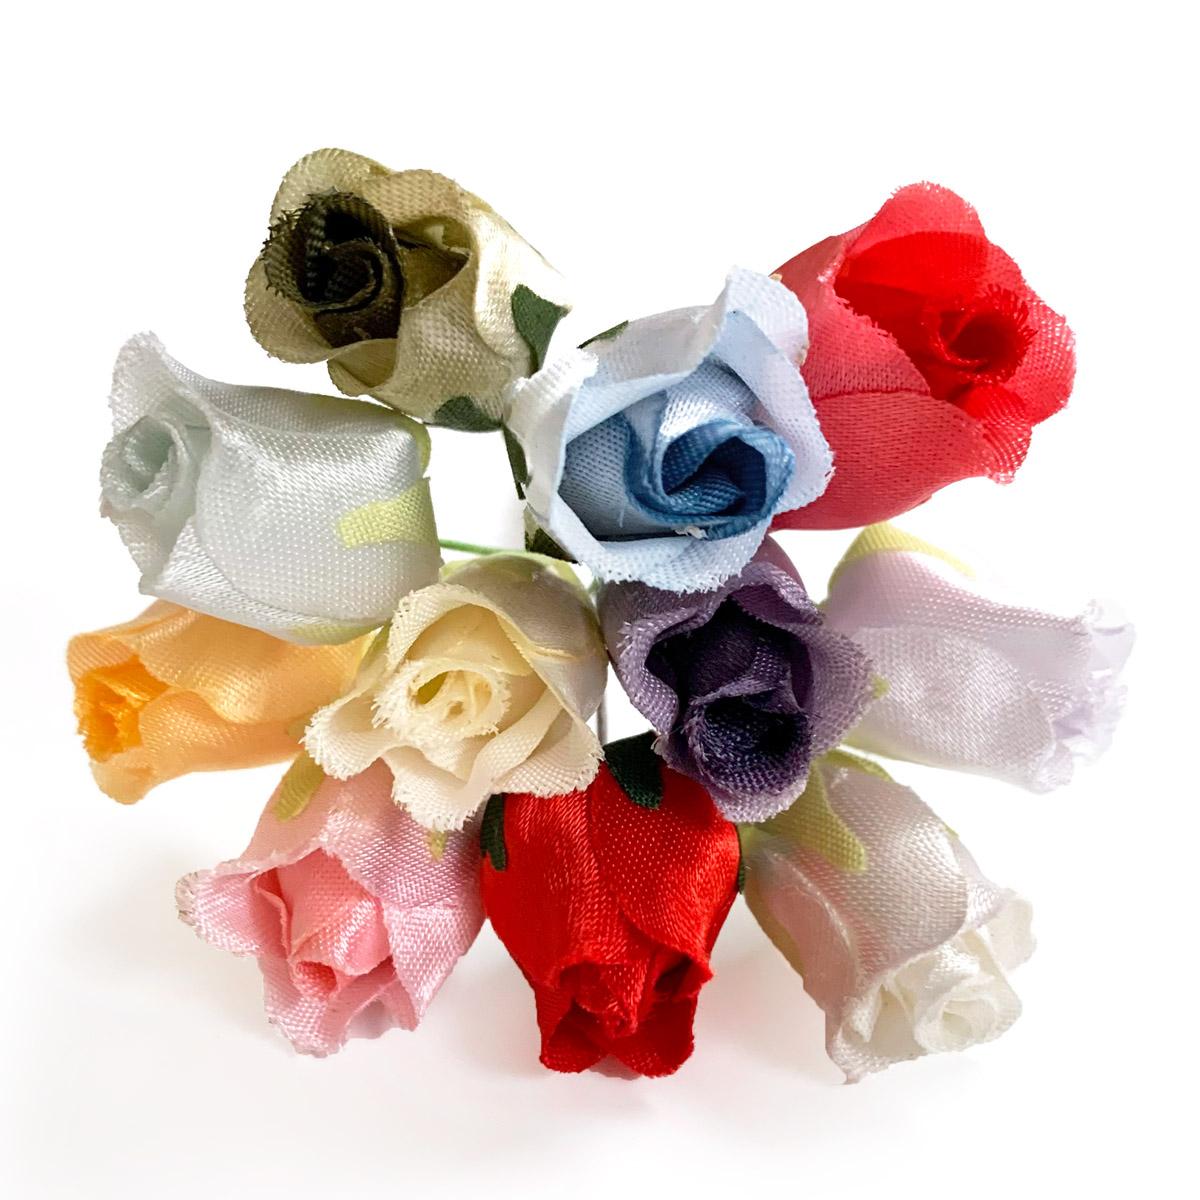 造花 気質アップ 正規激安 メール便対応 アウトレット造花 蕾バラ ラッピング 髪飾りの作り方を動画で紹介 フラワー 418